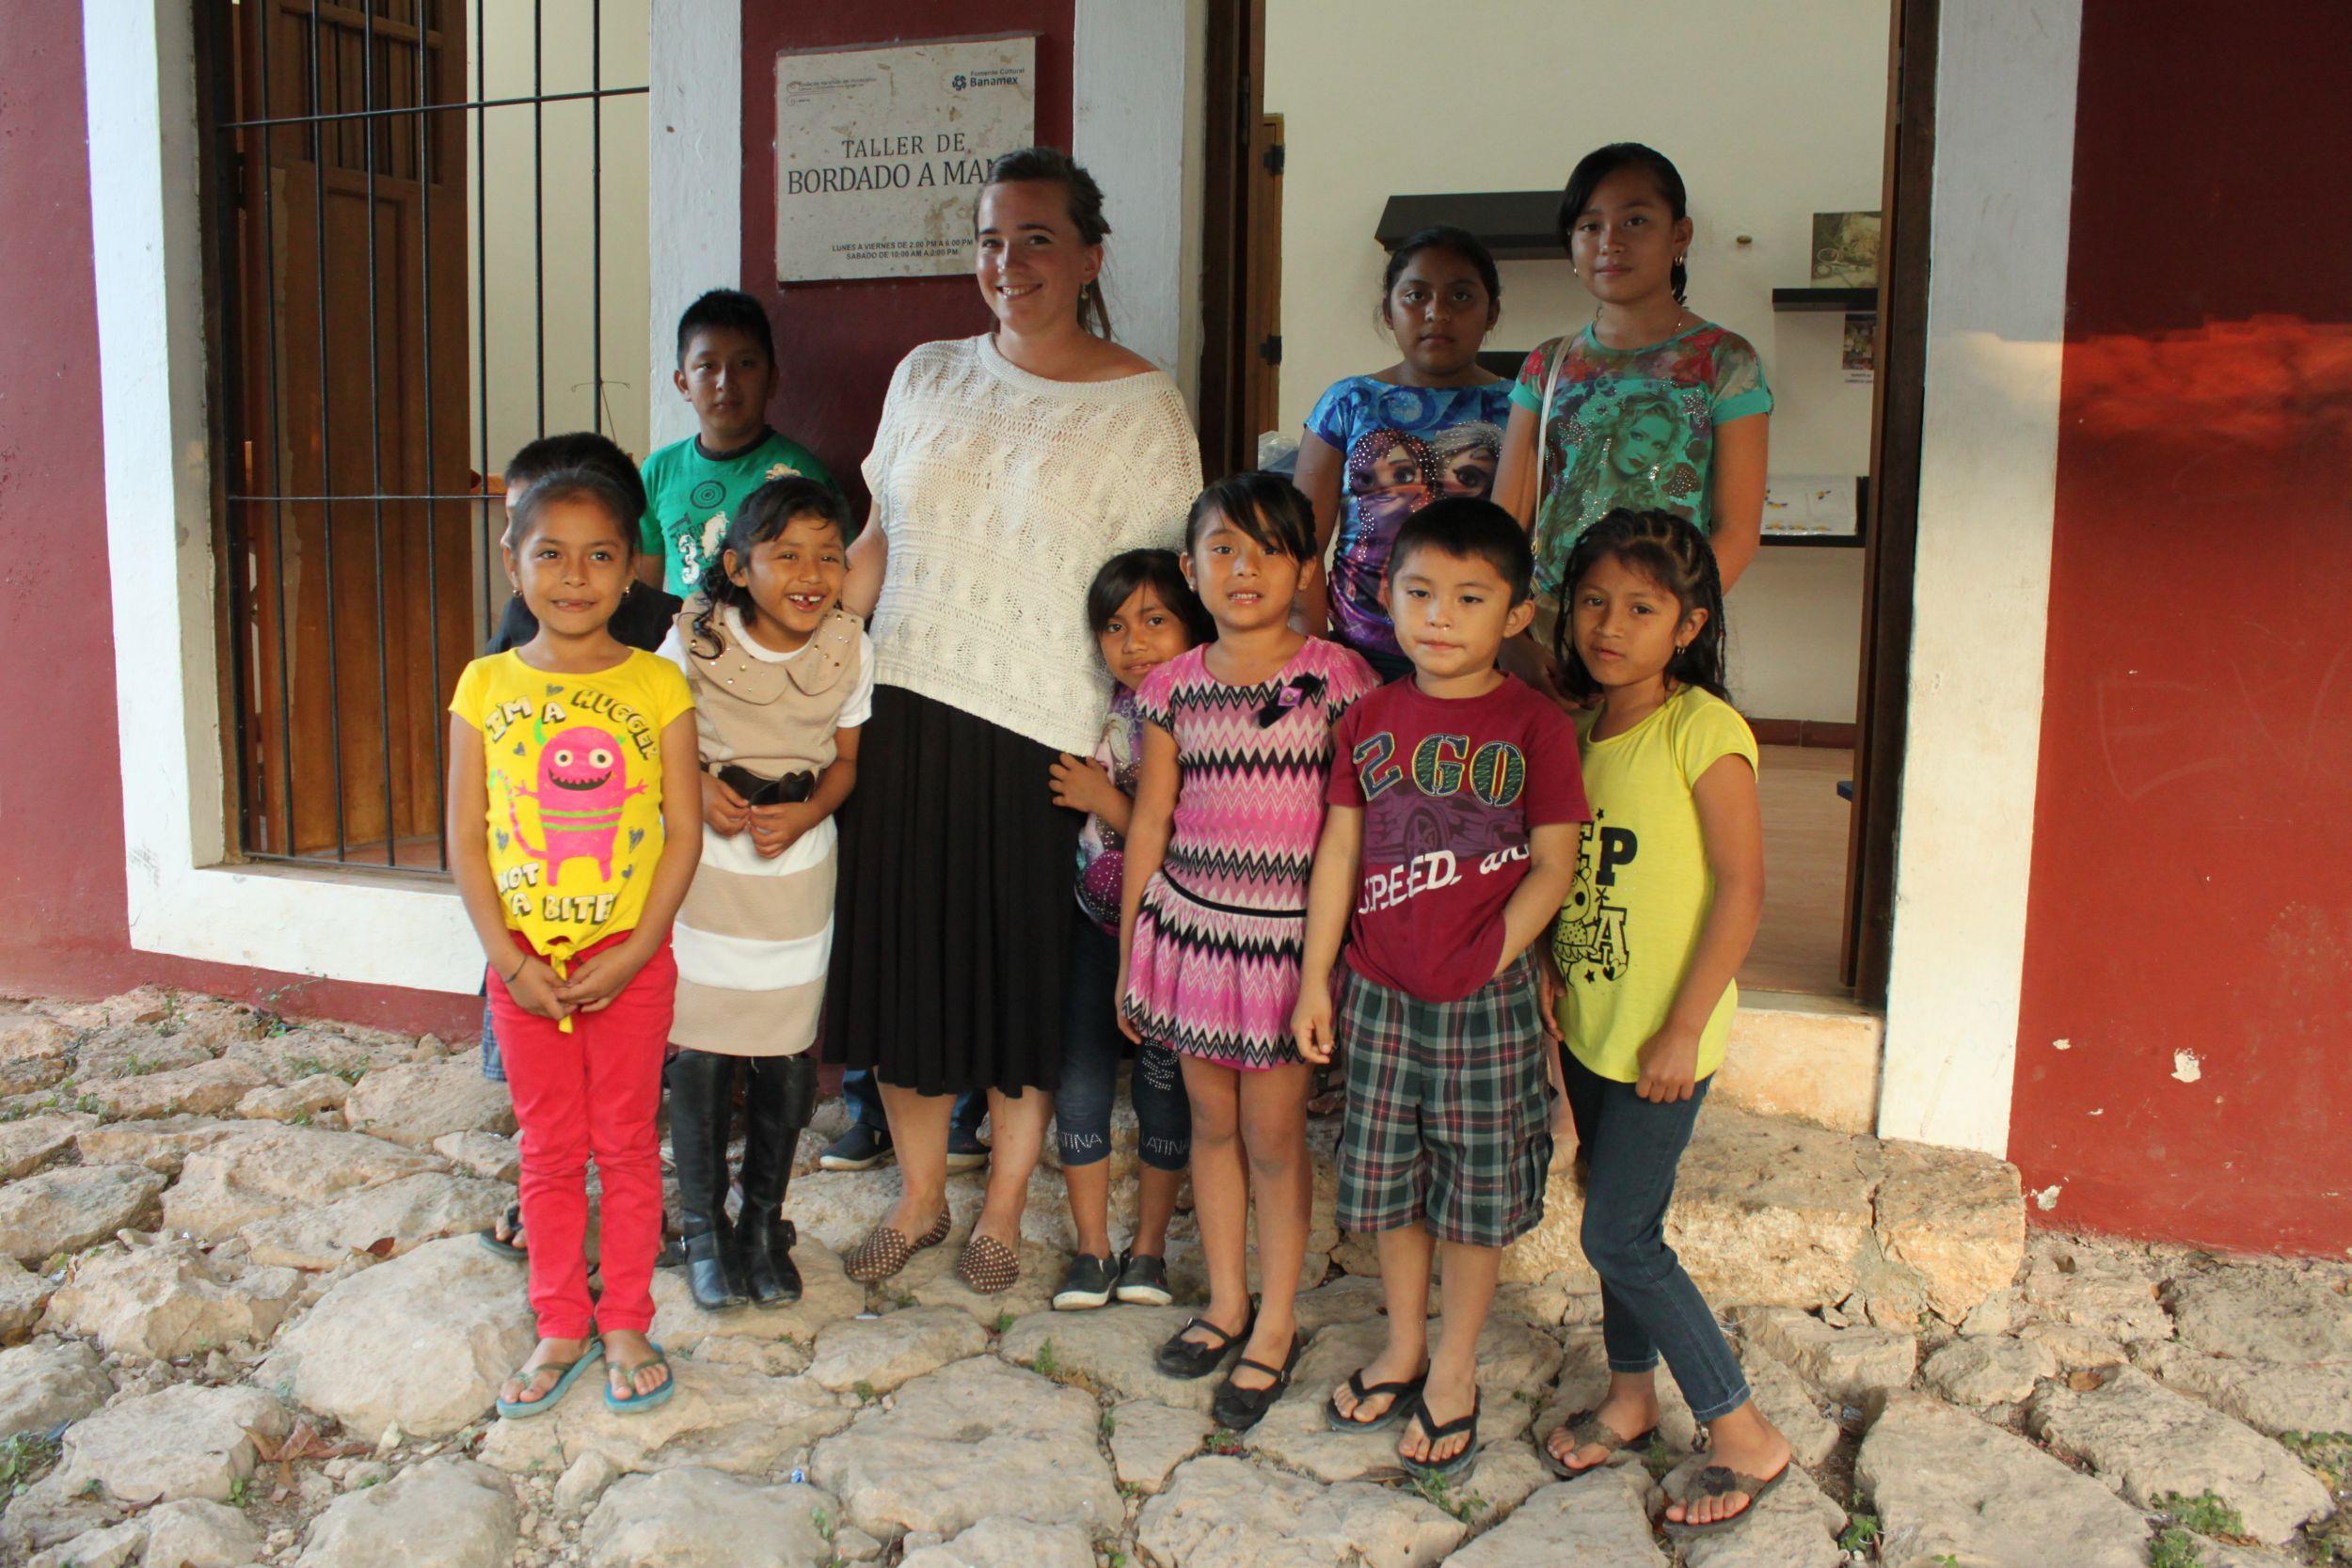 Students in Temozón